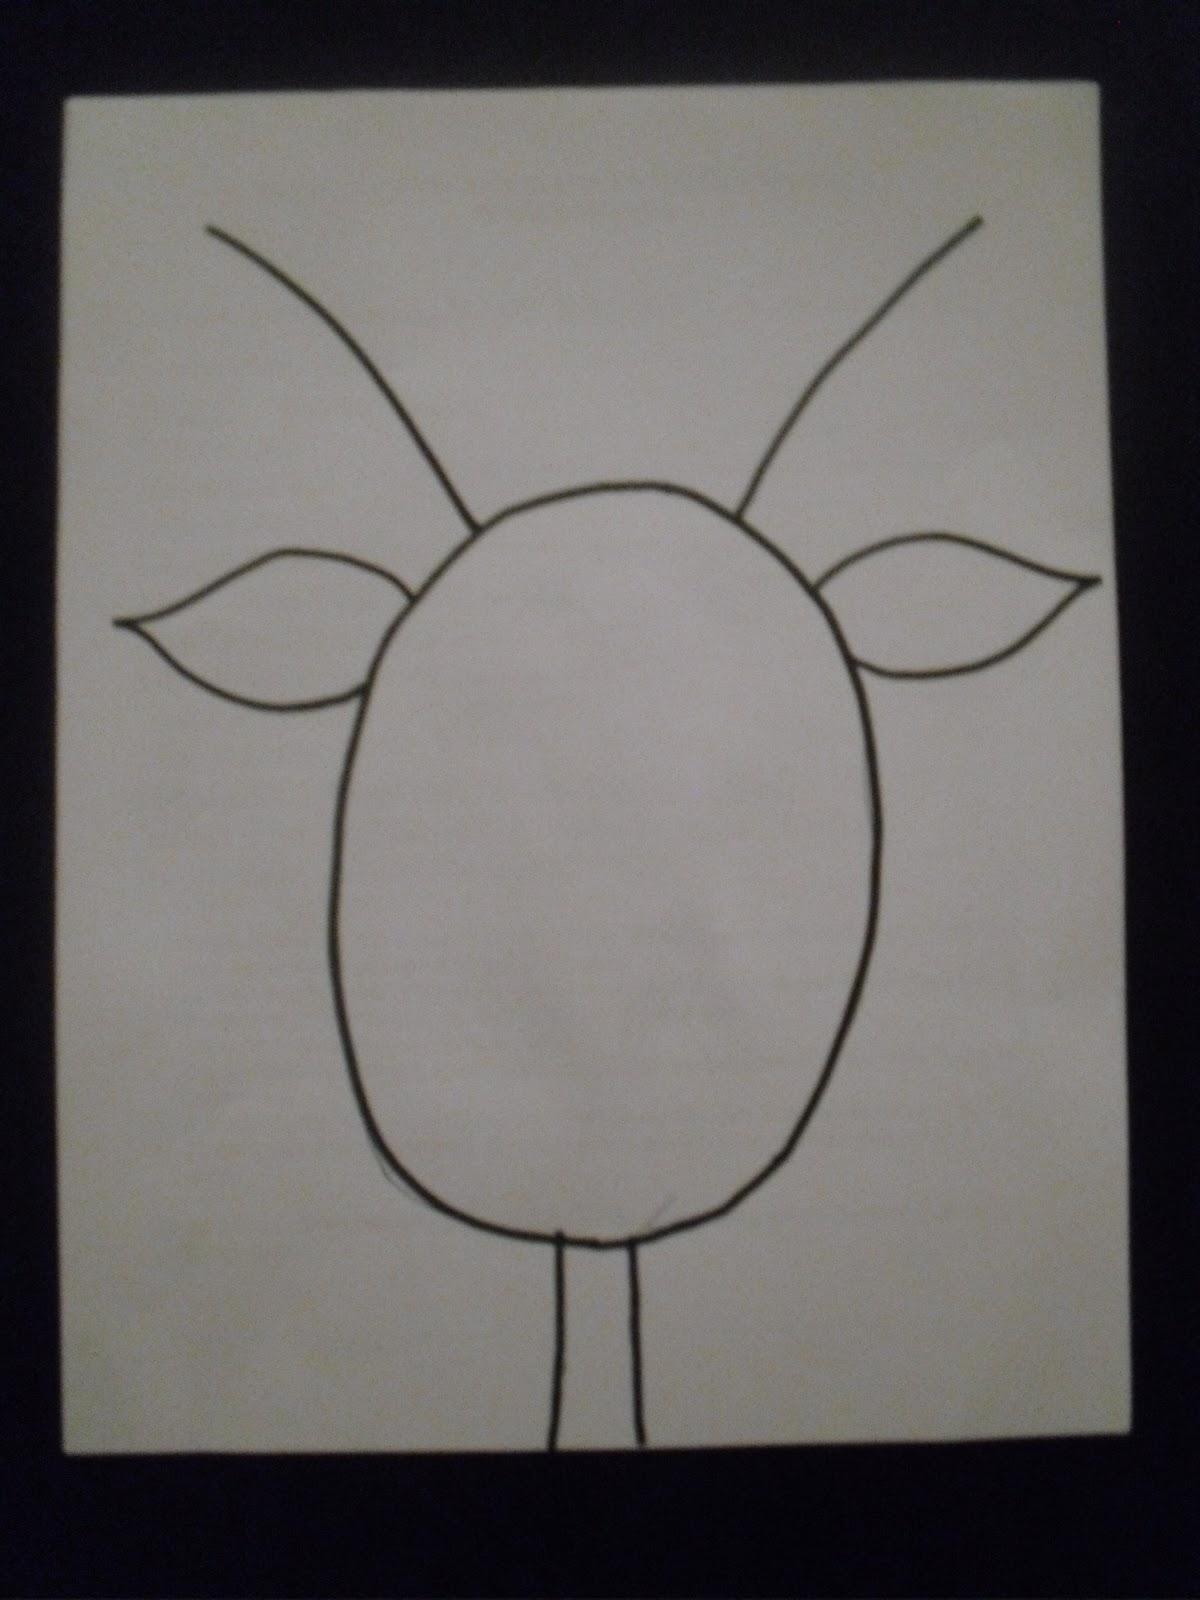 Drawn reindeer reindeer head Of Draw a of towards